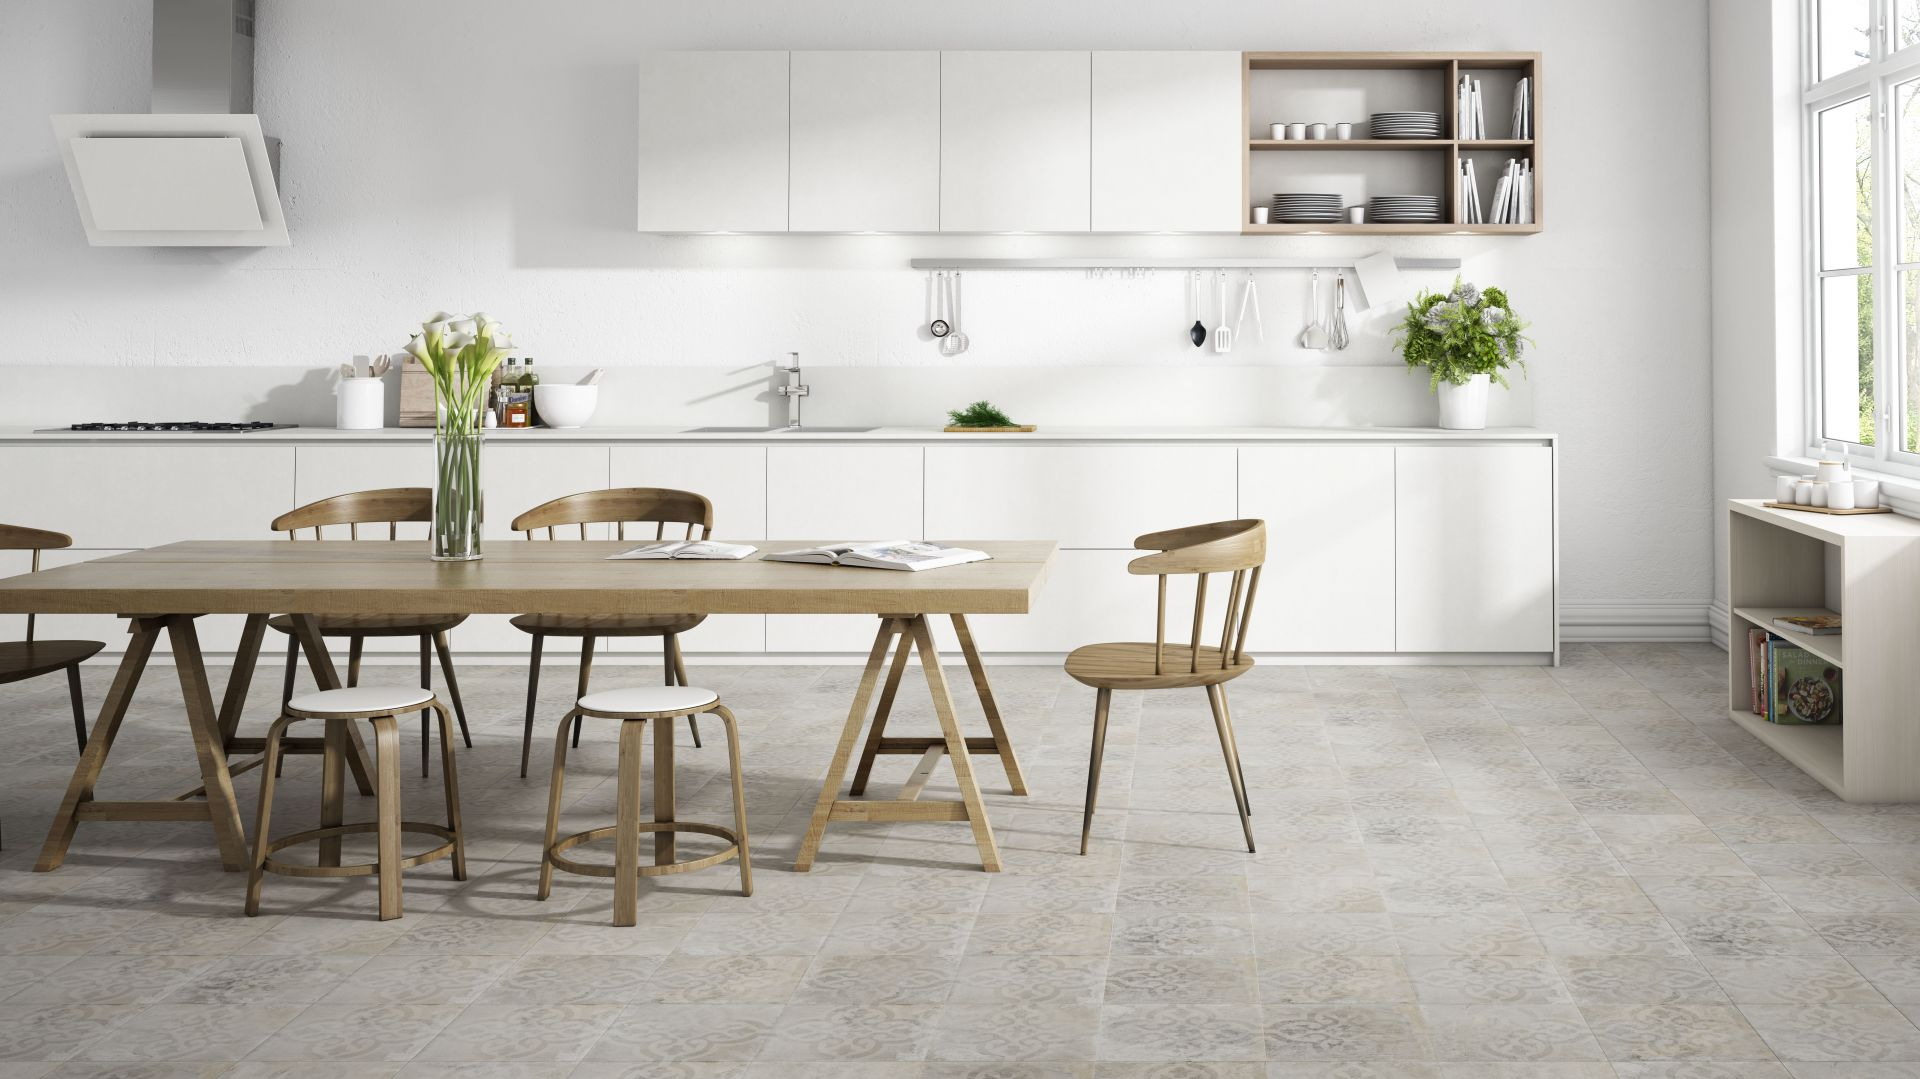 Płytki ceramiczne z kolekcji Amanto w białym kolorze. Fot. Apavisa